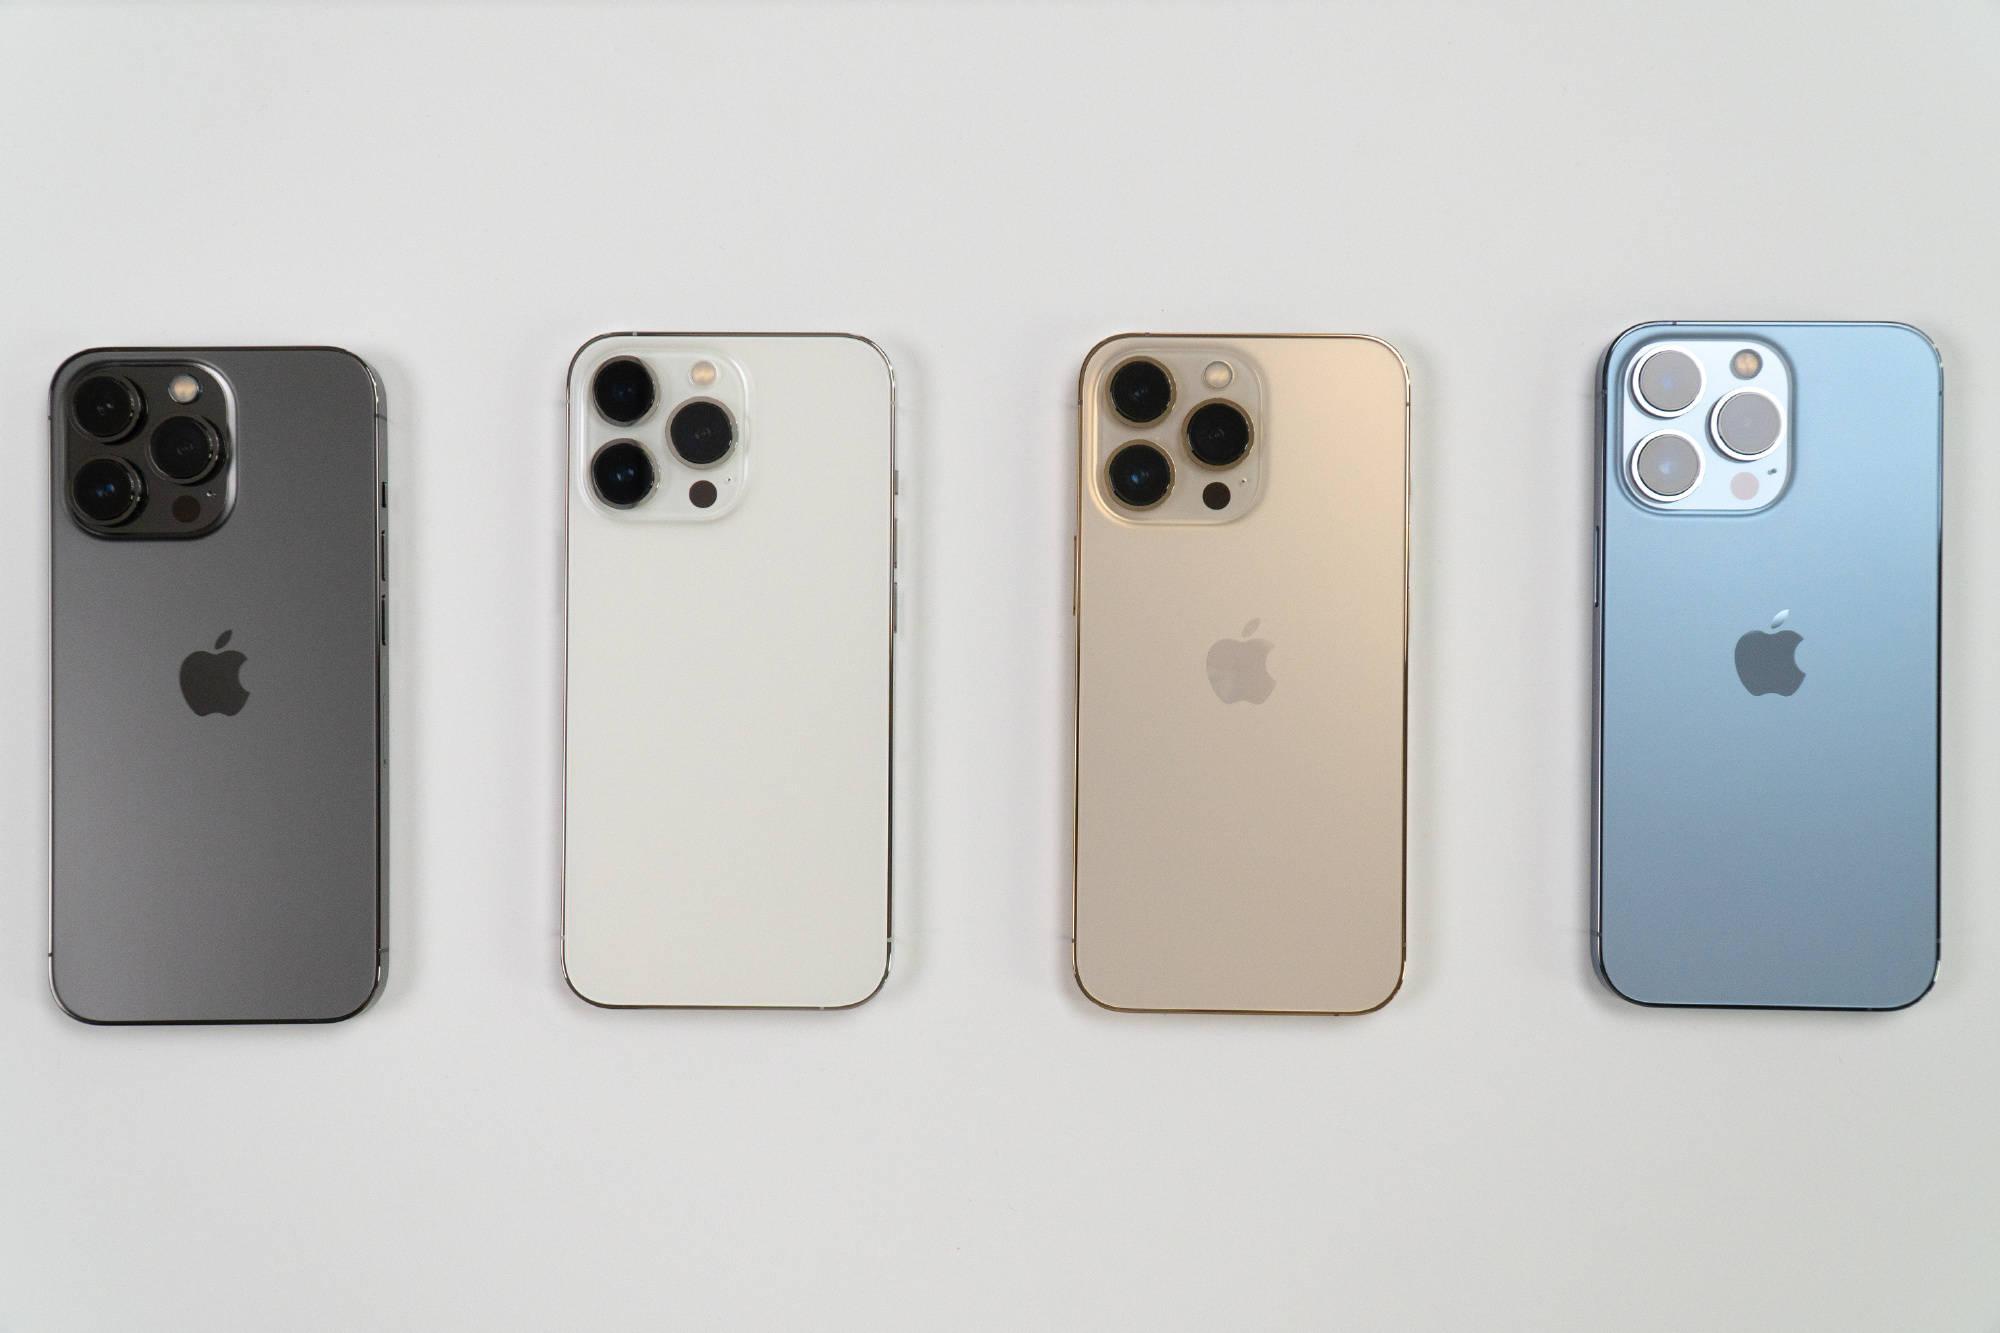 OPPO Find X3 Pro摄影师版质感手感两全,对比苹果优势明显